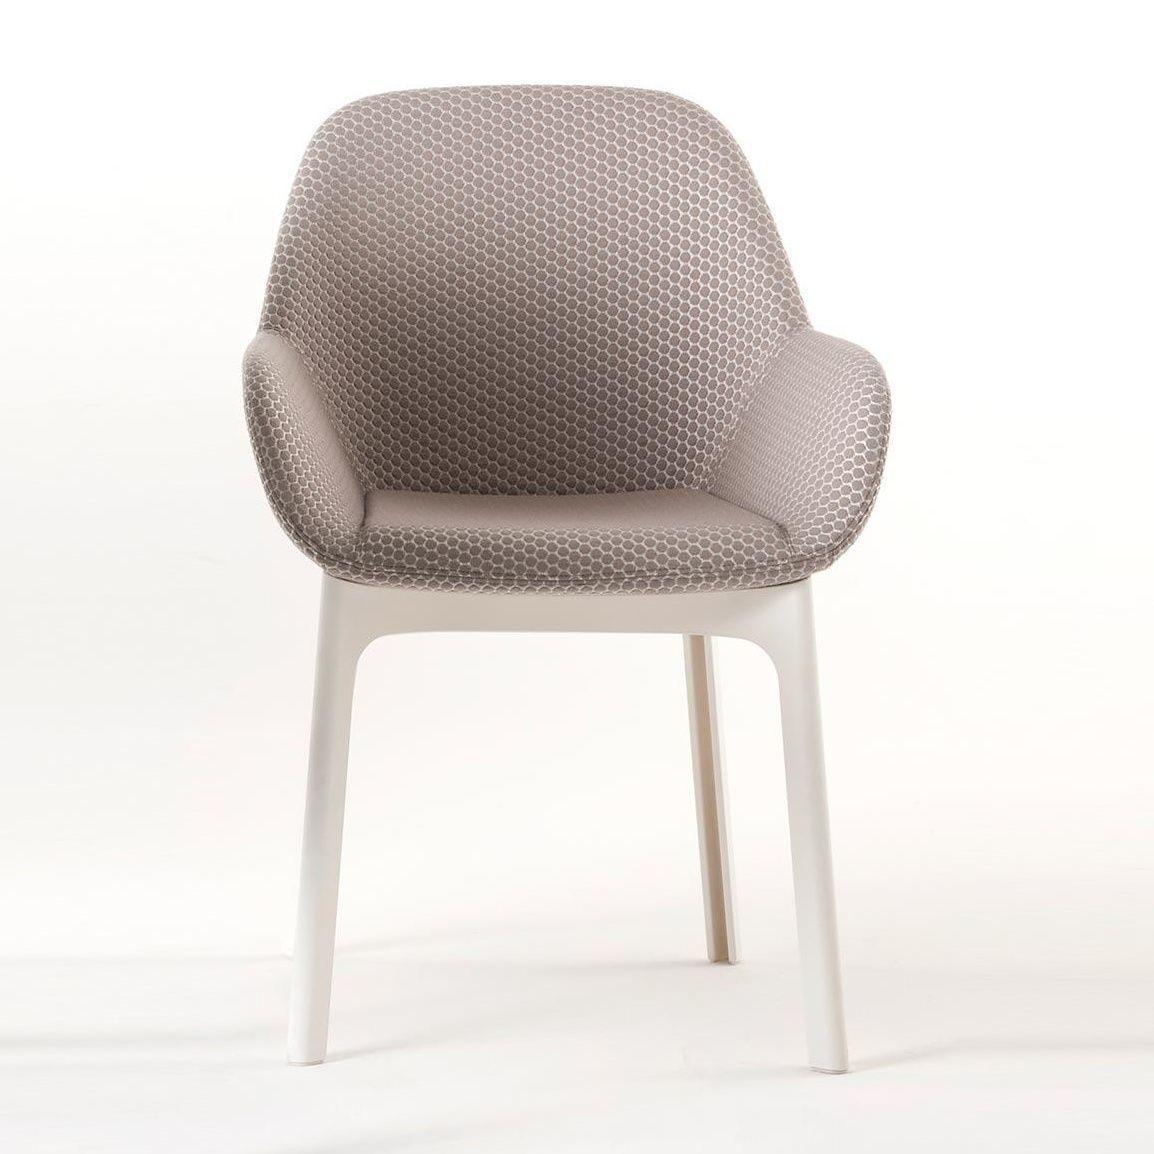 clap armlehnstuhl stoff kartell. Black Bedroom Furniture Sets. Home Design Ideas